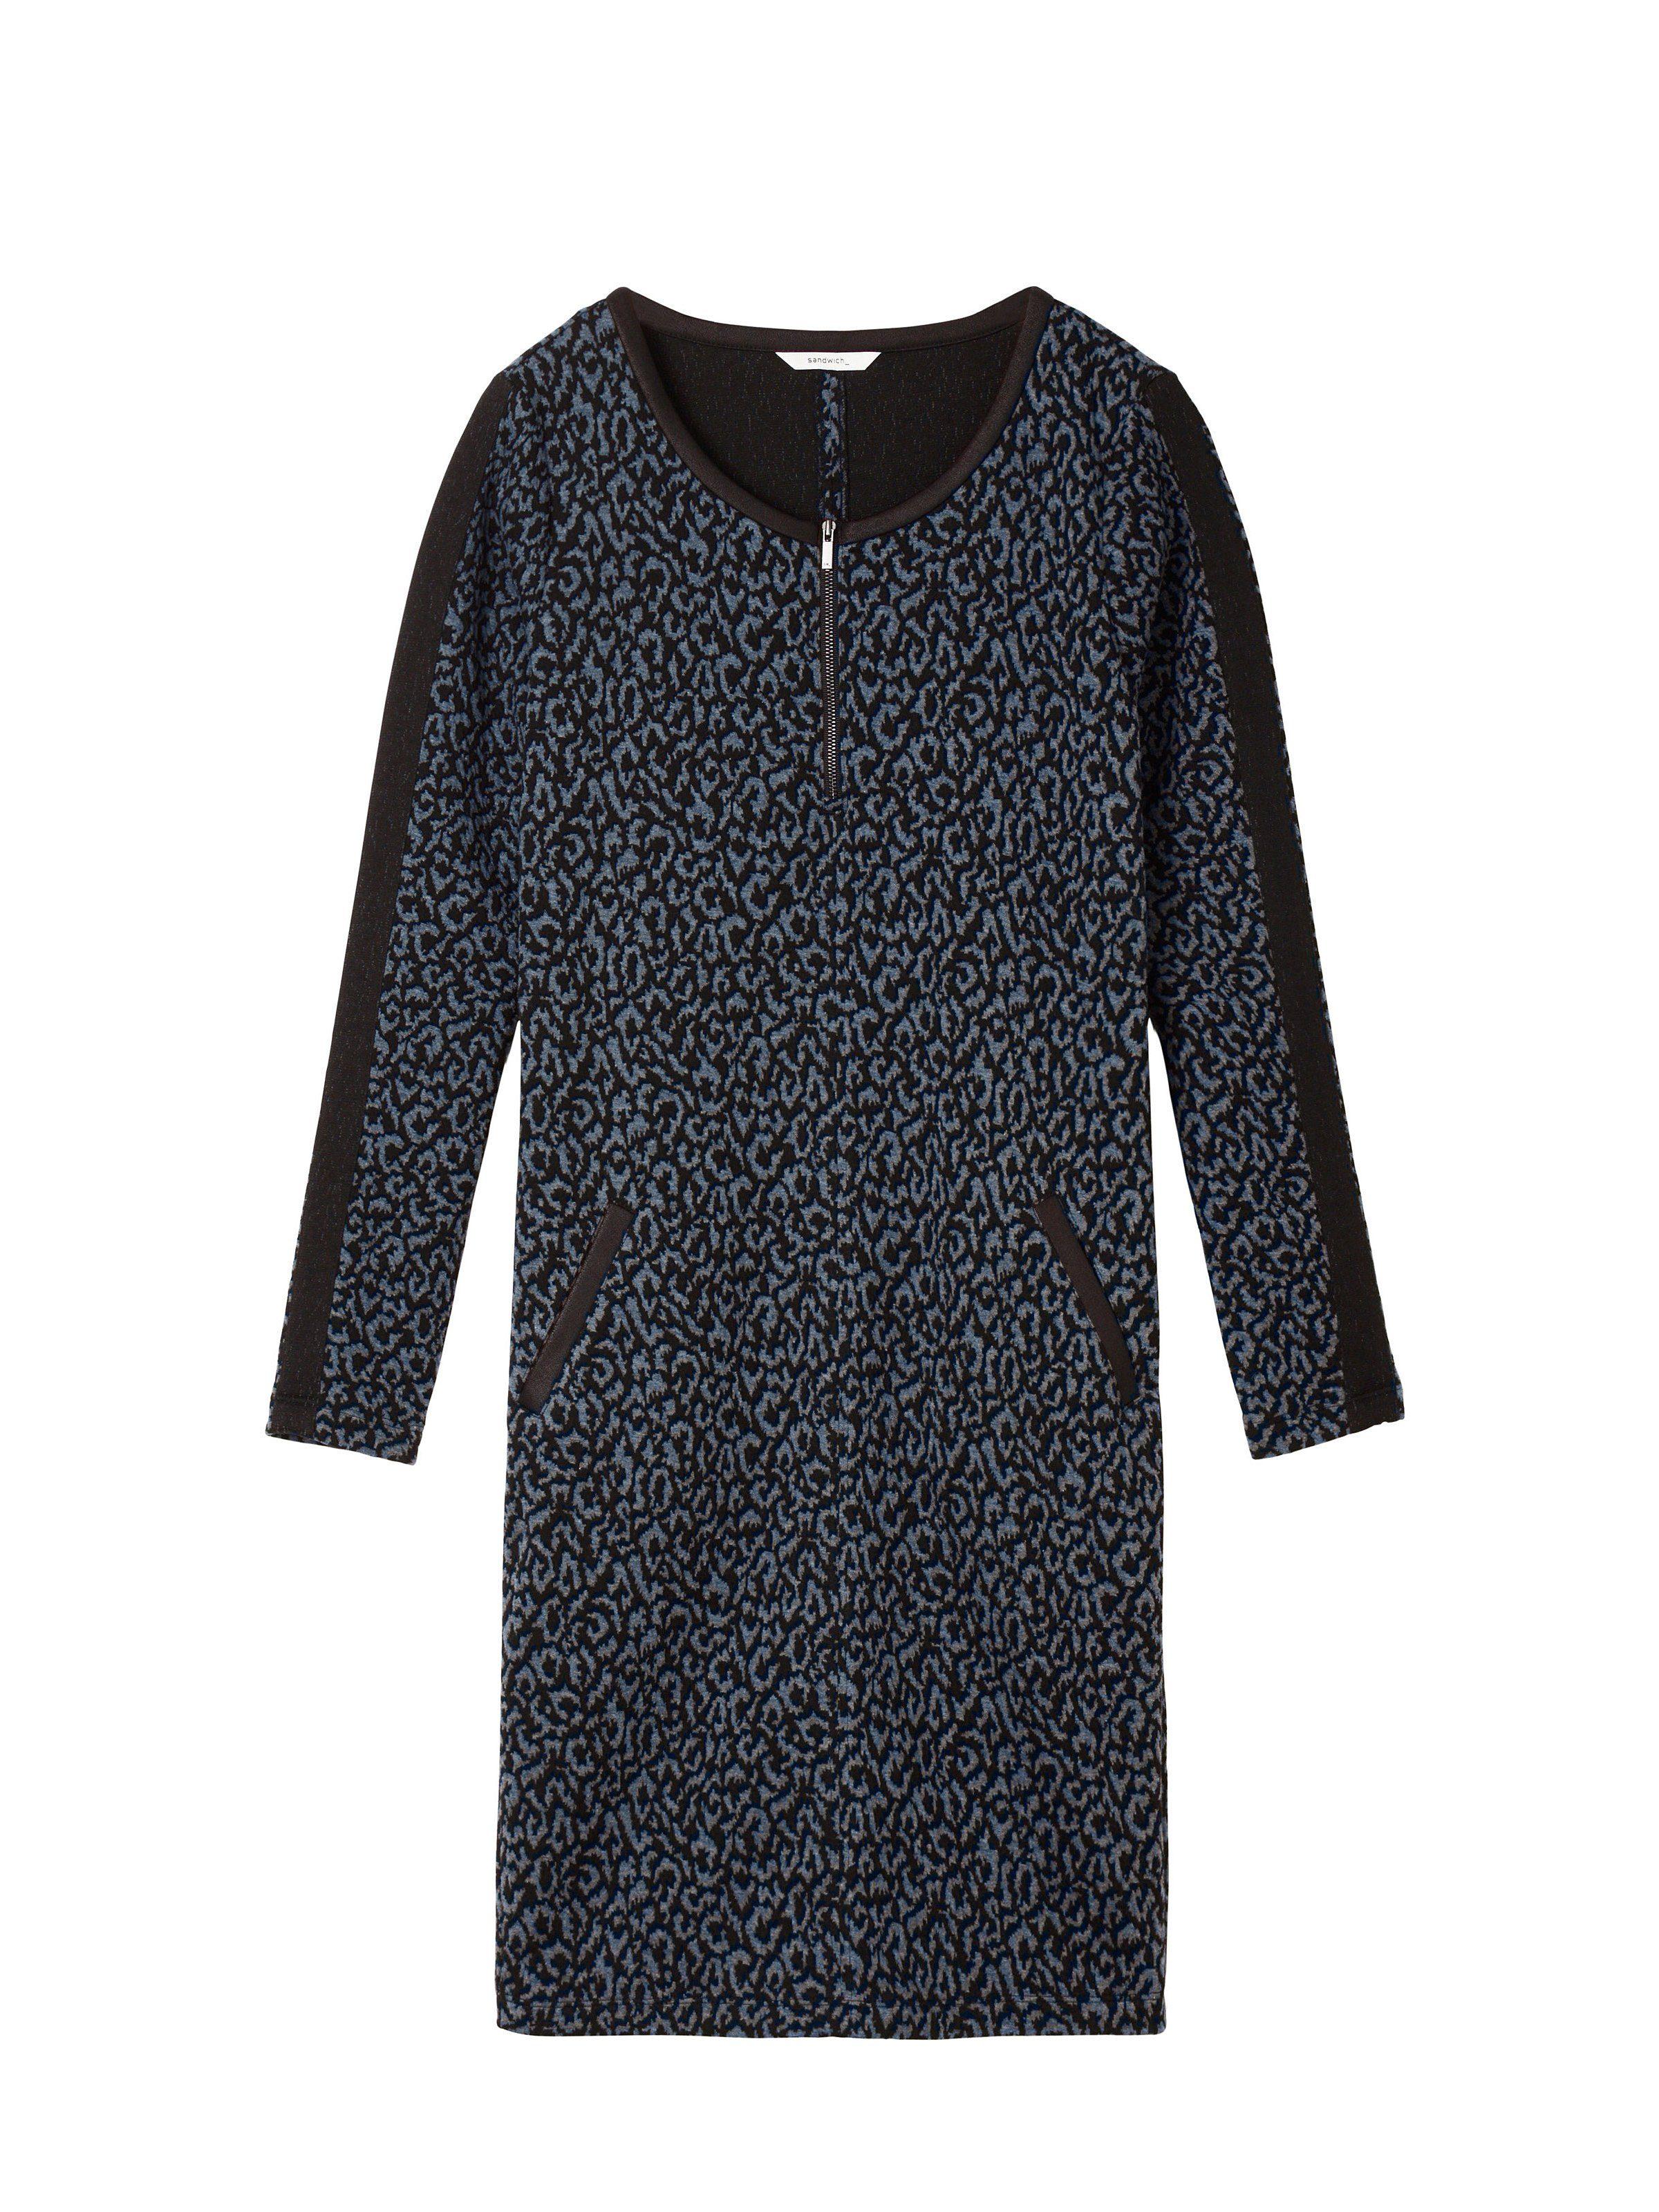 sandwich Jacquard-Kleid mit Leopardenprint und Reißverschluss